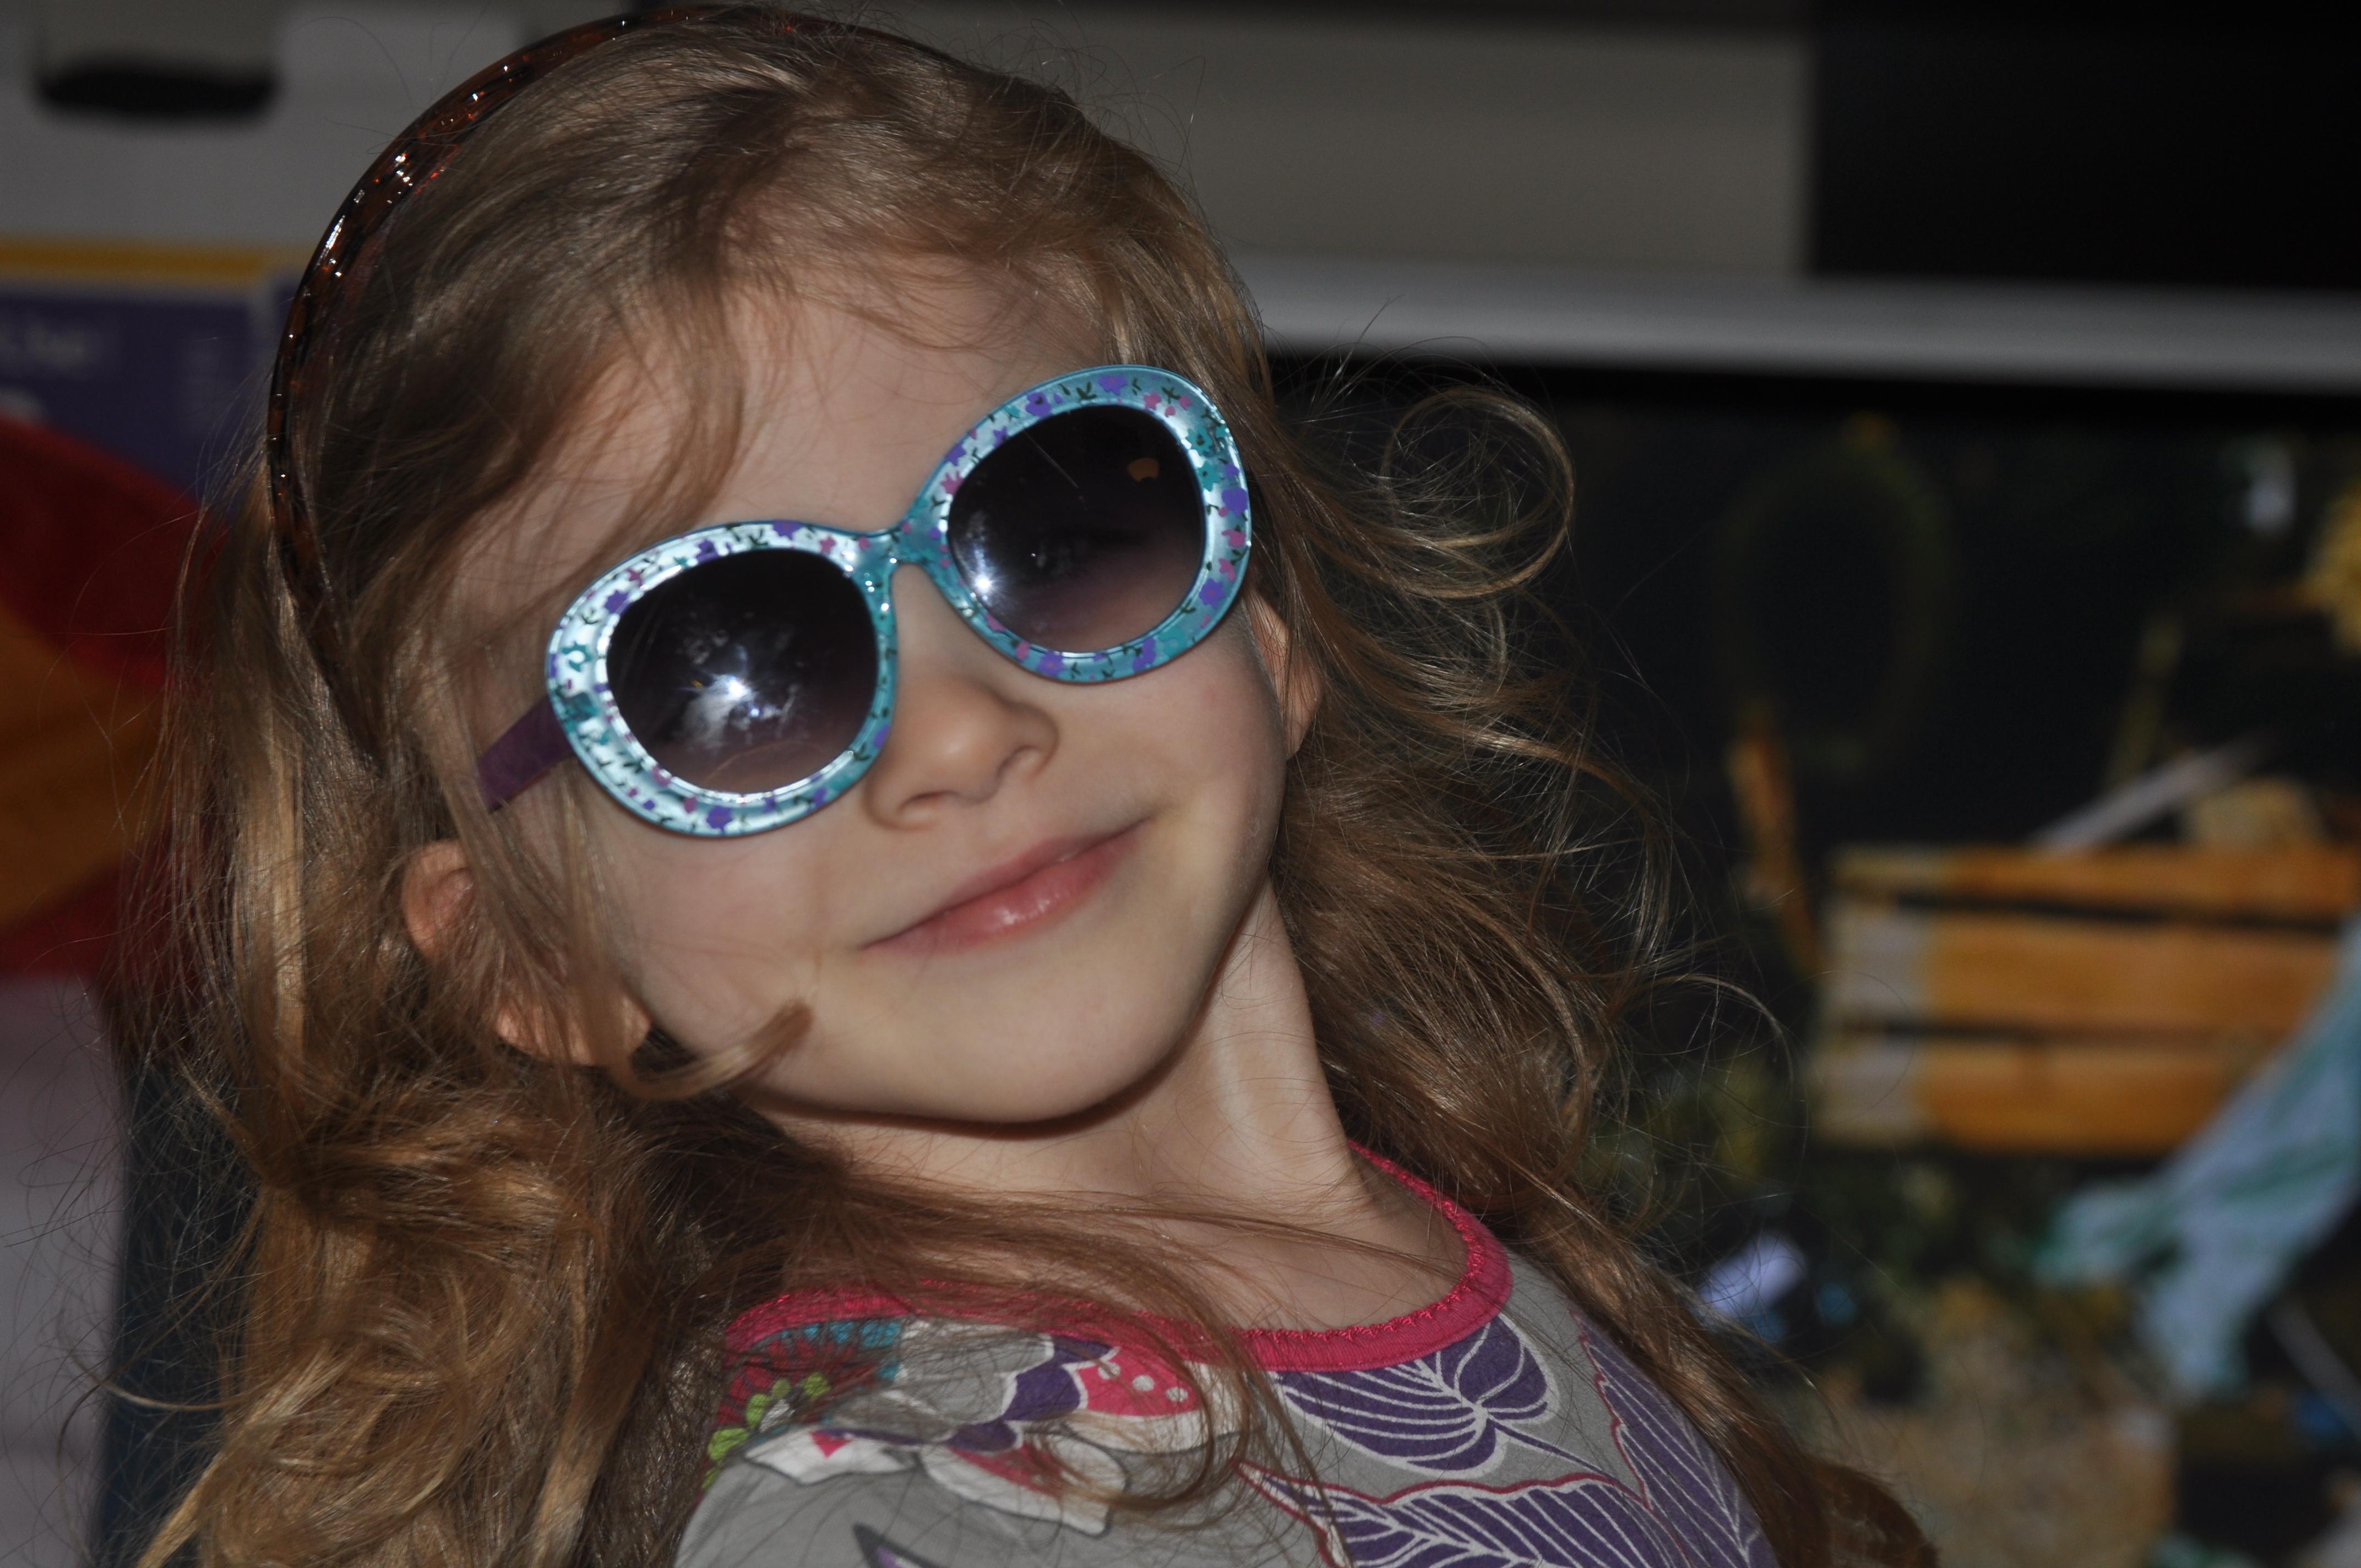 gem in sunglasses